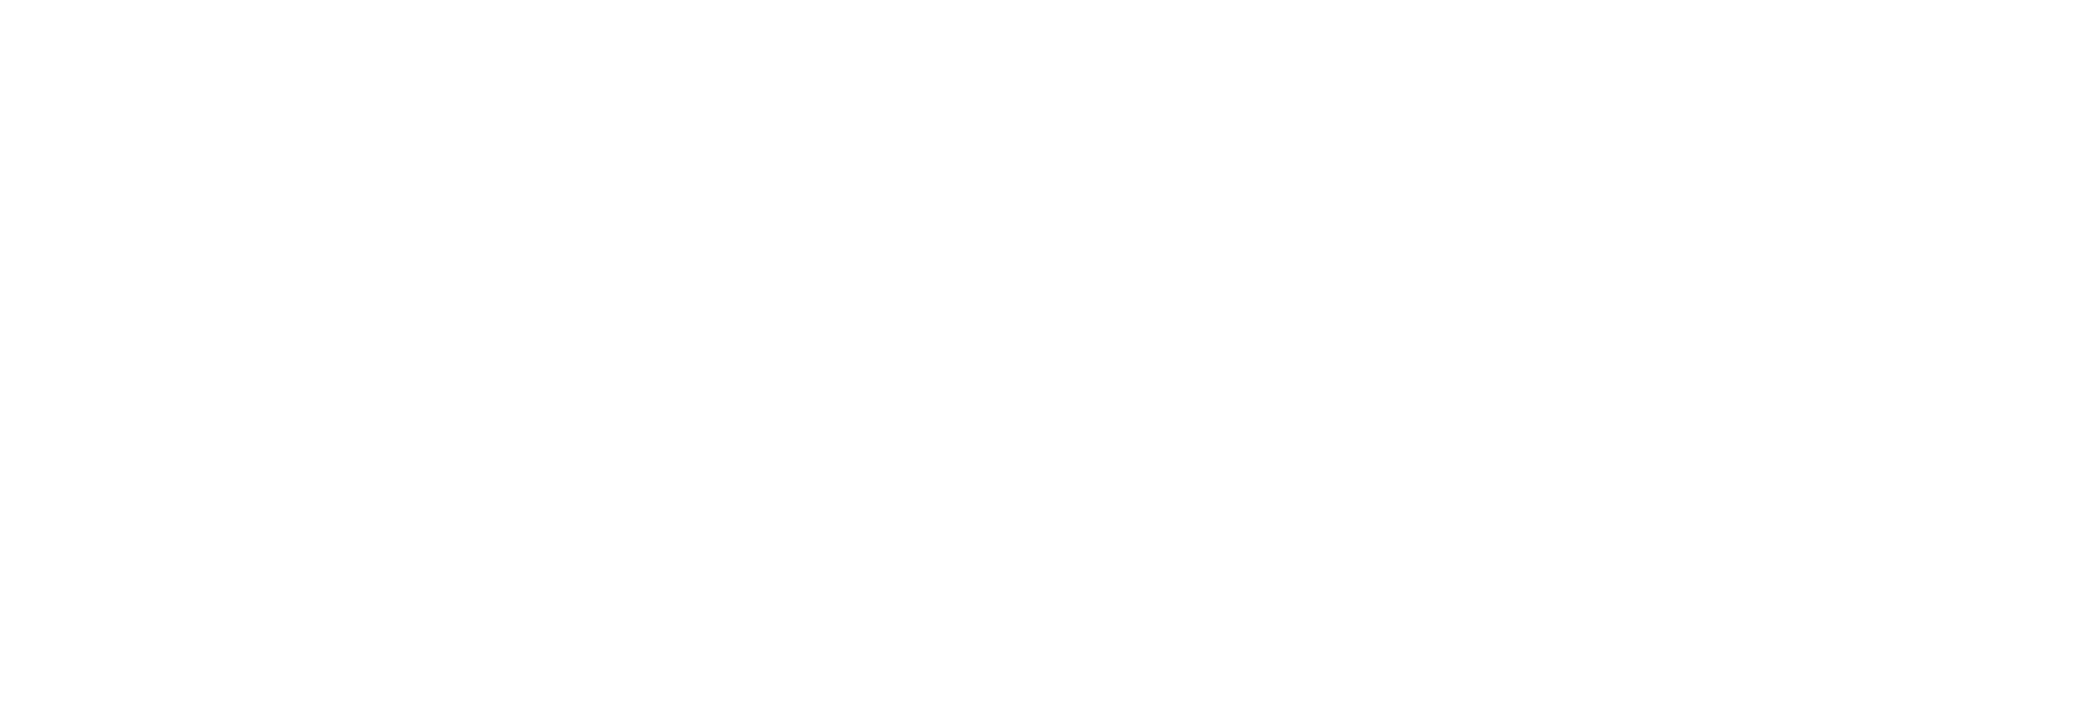 Healthcare 1 White